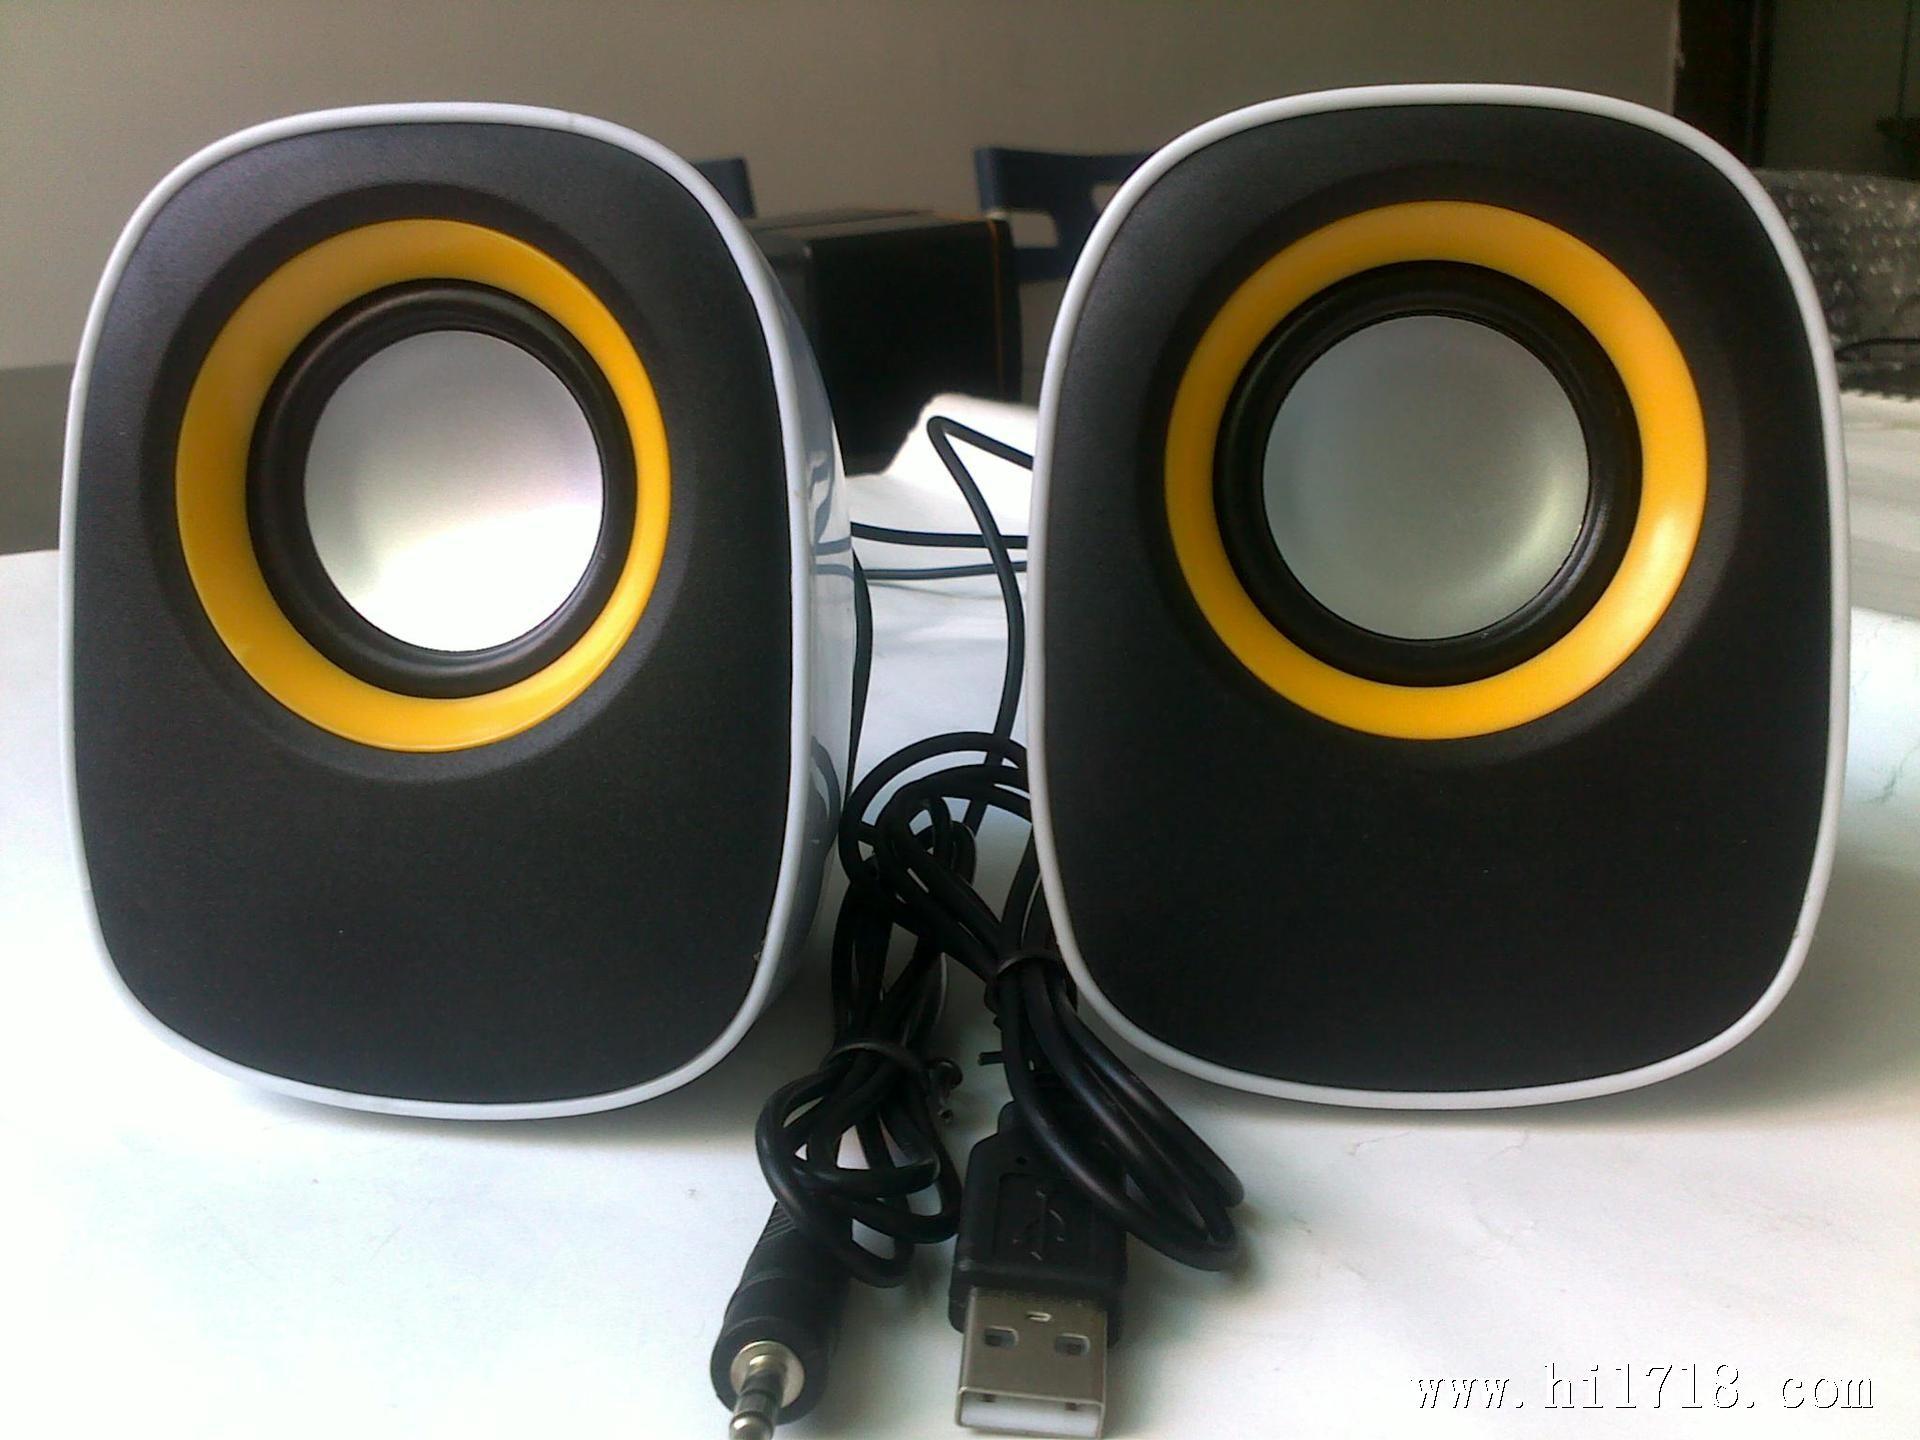 电脑小音箱 笔记本电脑音响 usb小音箱 可爱迷你q蛋小音箱 批发